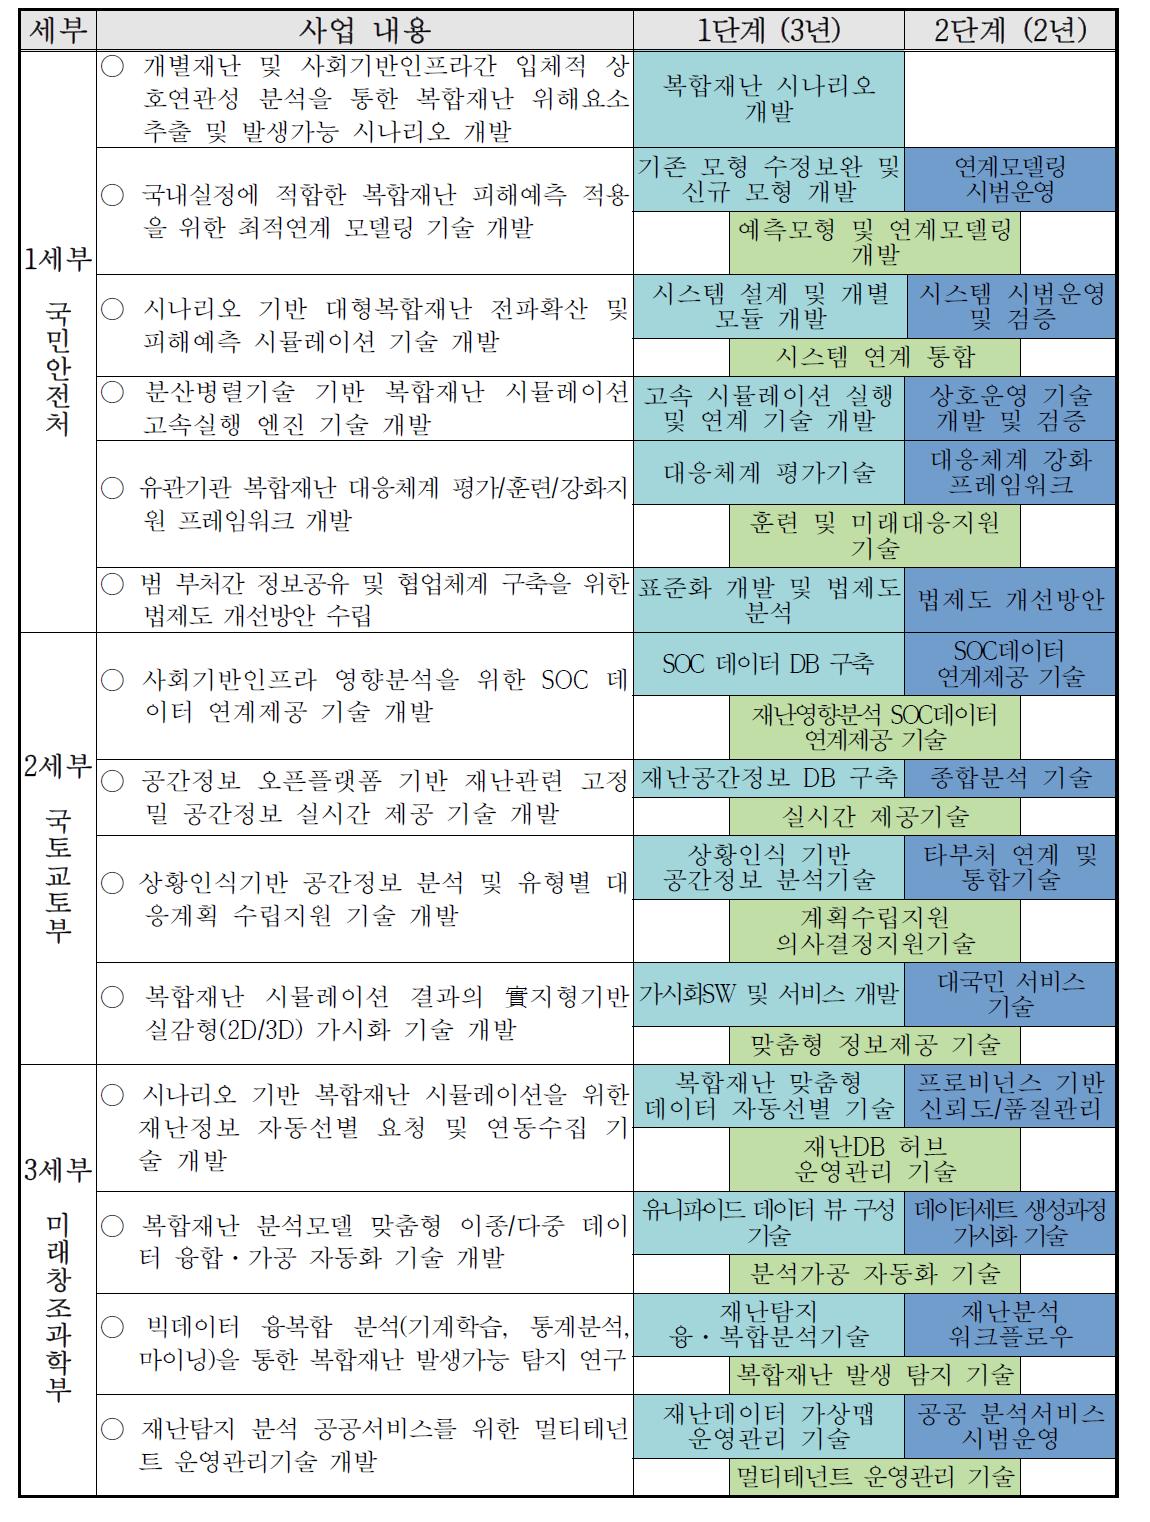 부처역할별 주요사업내용 및 단계별 추진방안(3+2 전략)